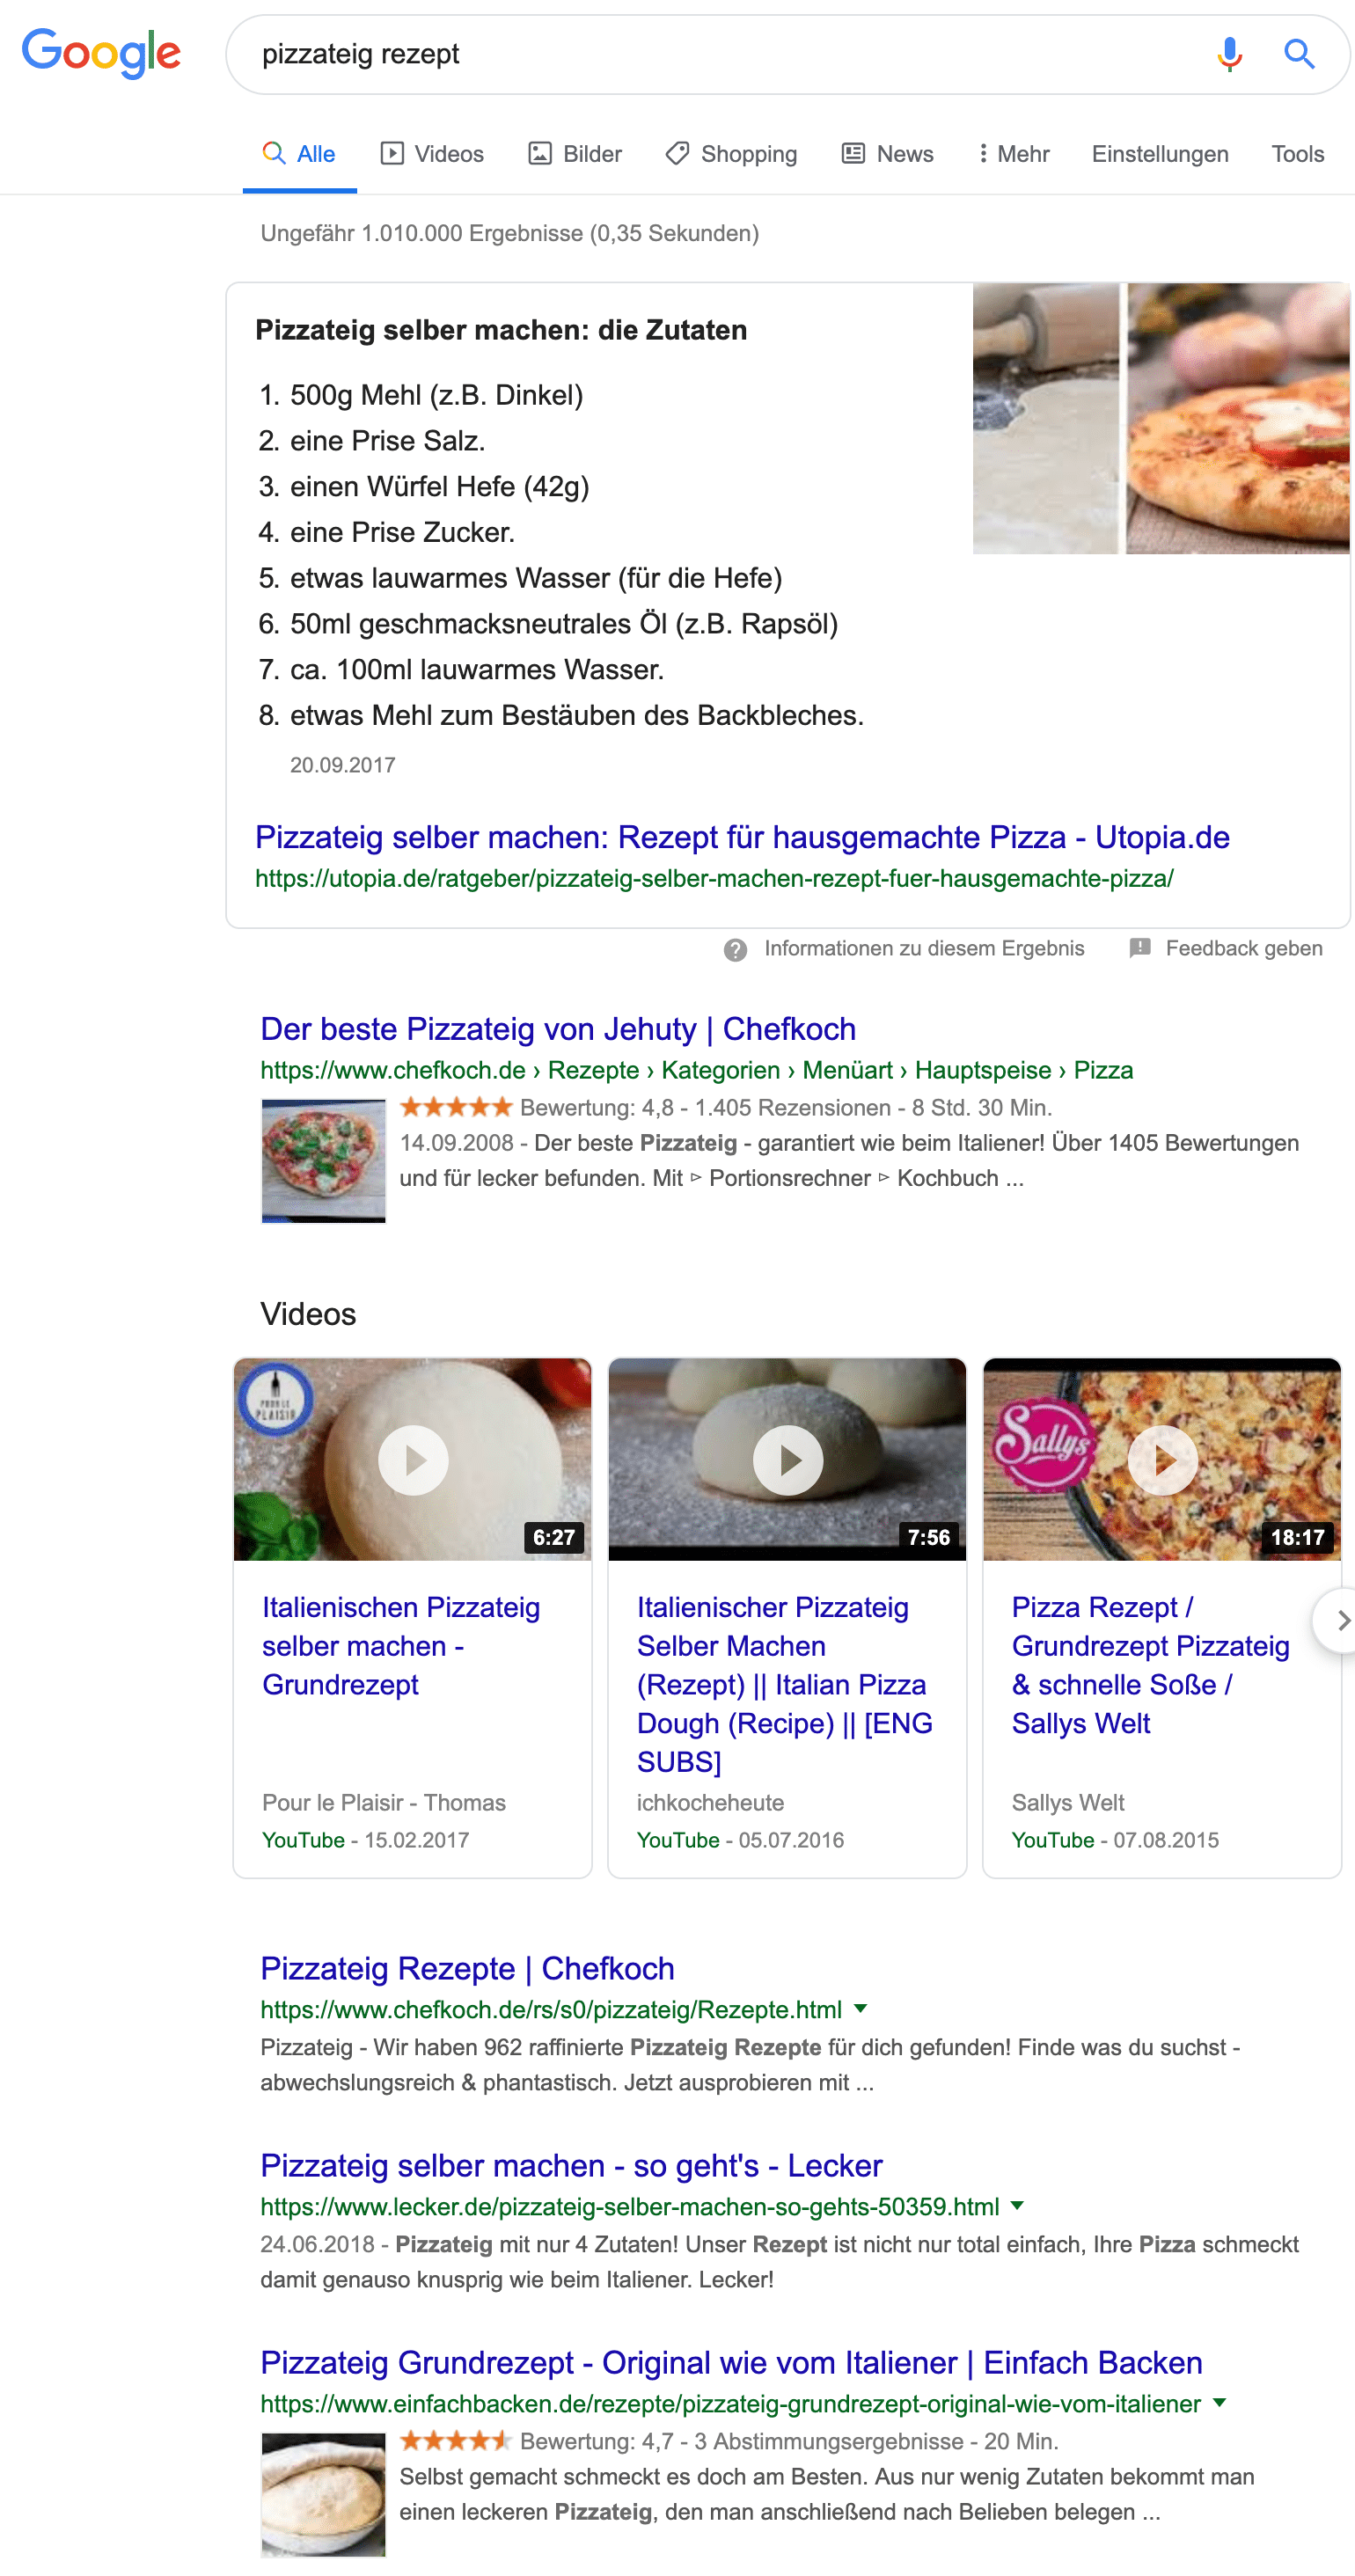 Suchintent Google Pizza Beispiel